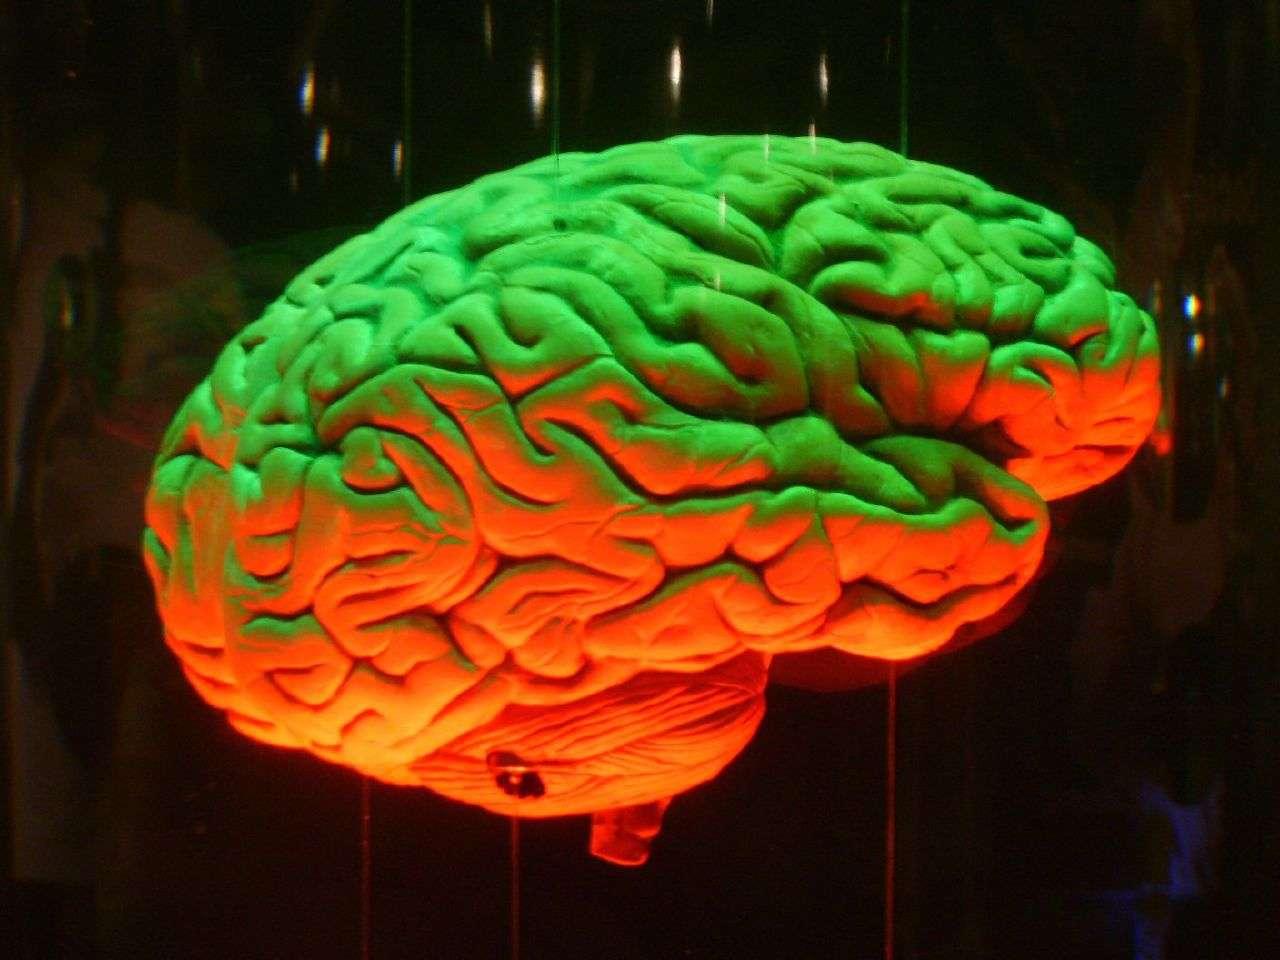 Le cerveau est le moteur de l'organisme et coordonne l'ensemble de ses activités. Quelles sont les différences entre notre cerveau et celui de nos cousins les singes ? L'imagerie par résonance magnétique permet aujourd'hui de mieux répondre à cette question. © jj_judes, Flickr, cc by nc nd 2.0